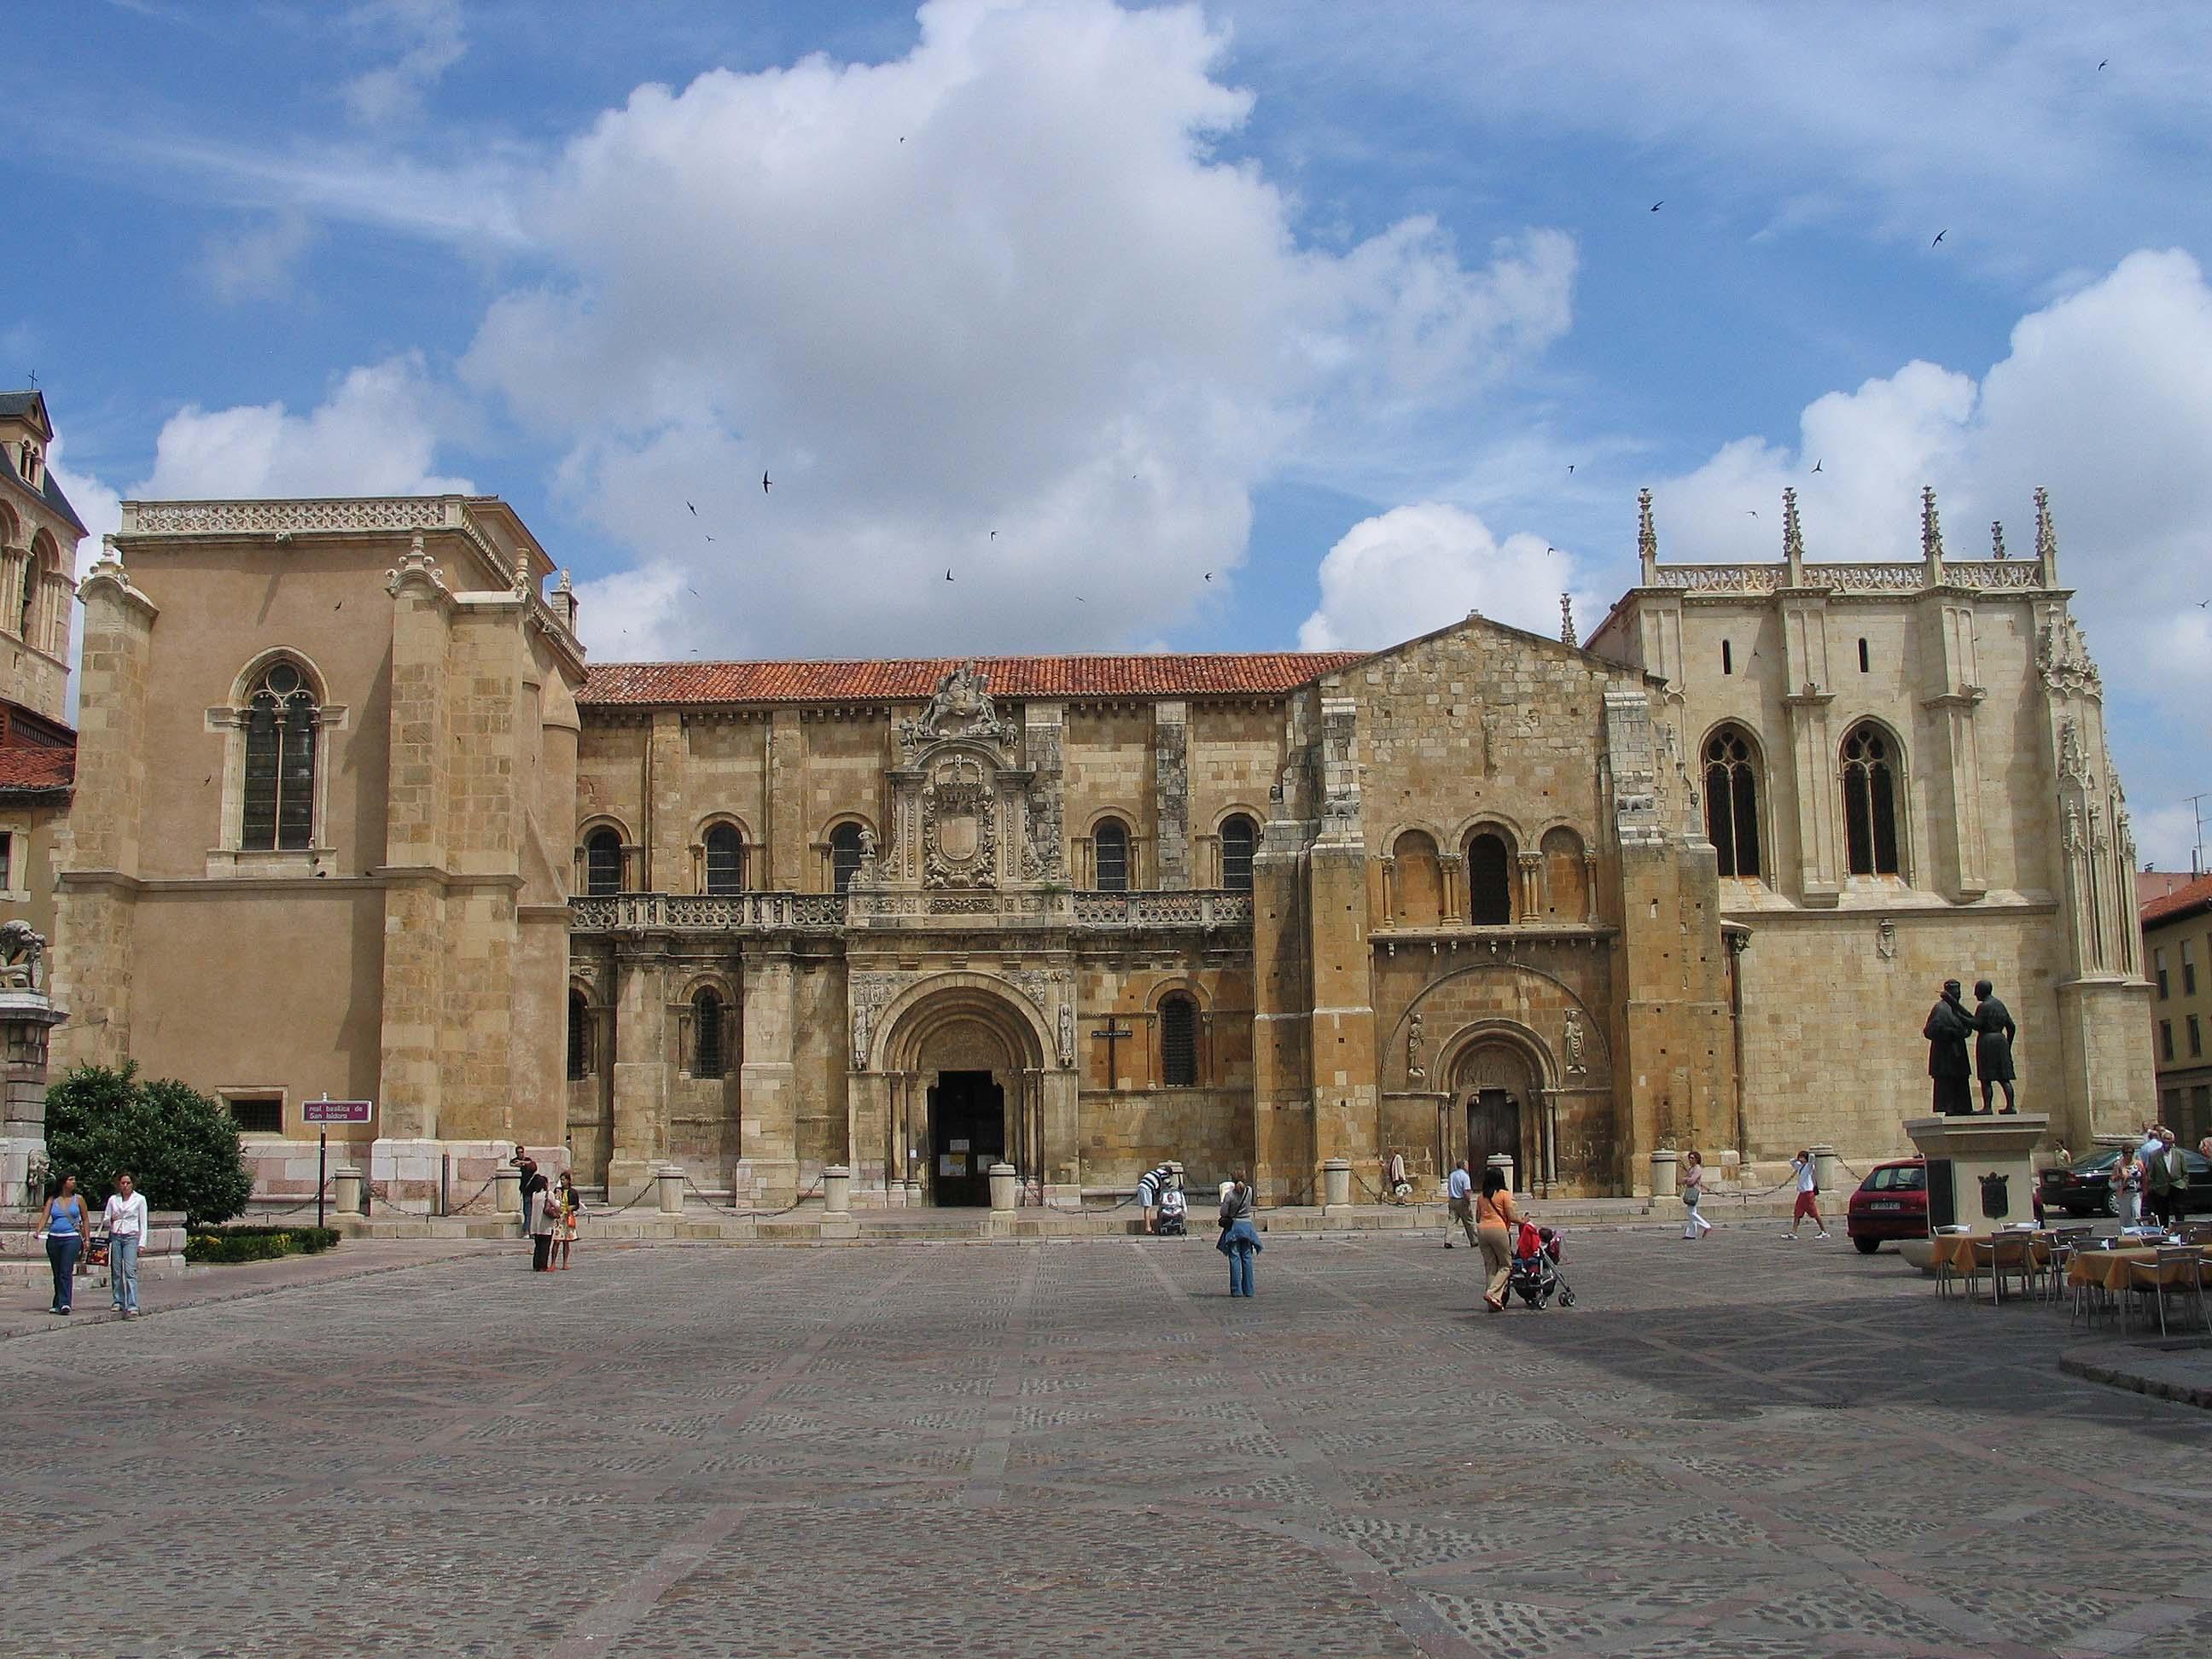 Basílica de San Isidoro de León - Wikipedia, la enciclopedia libre